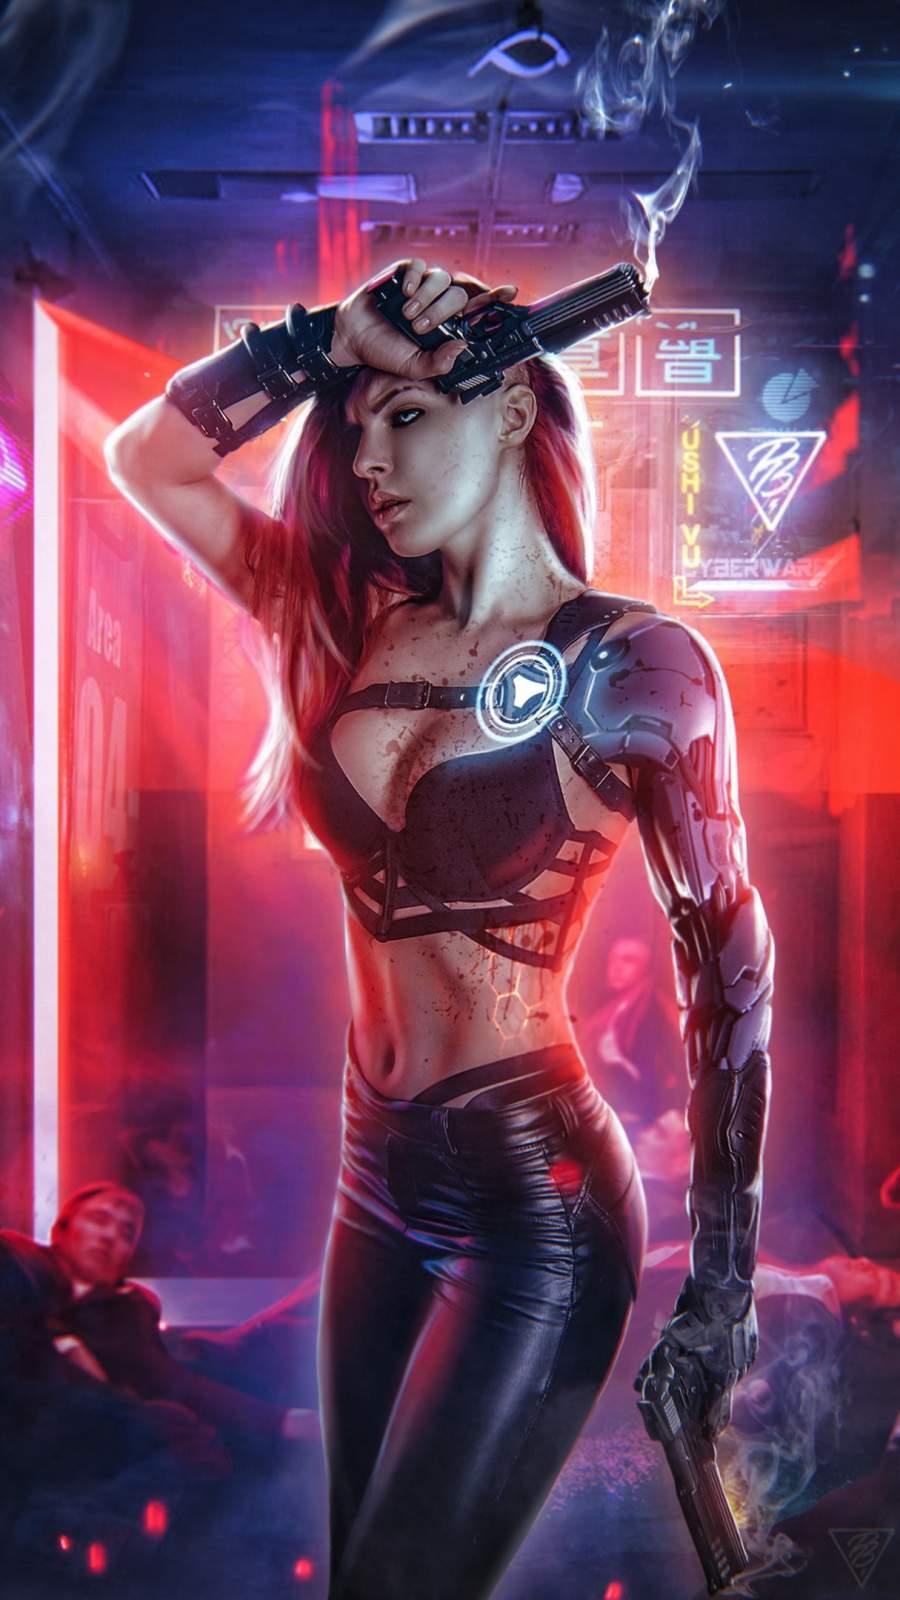 Cyberpunk Girl iPhone Wallpaper